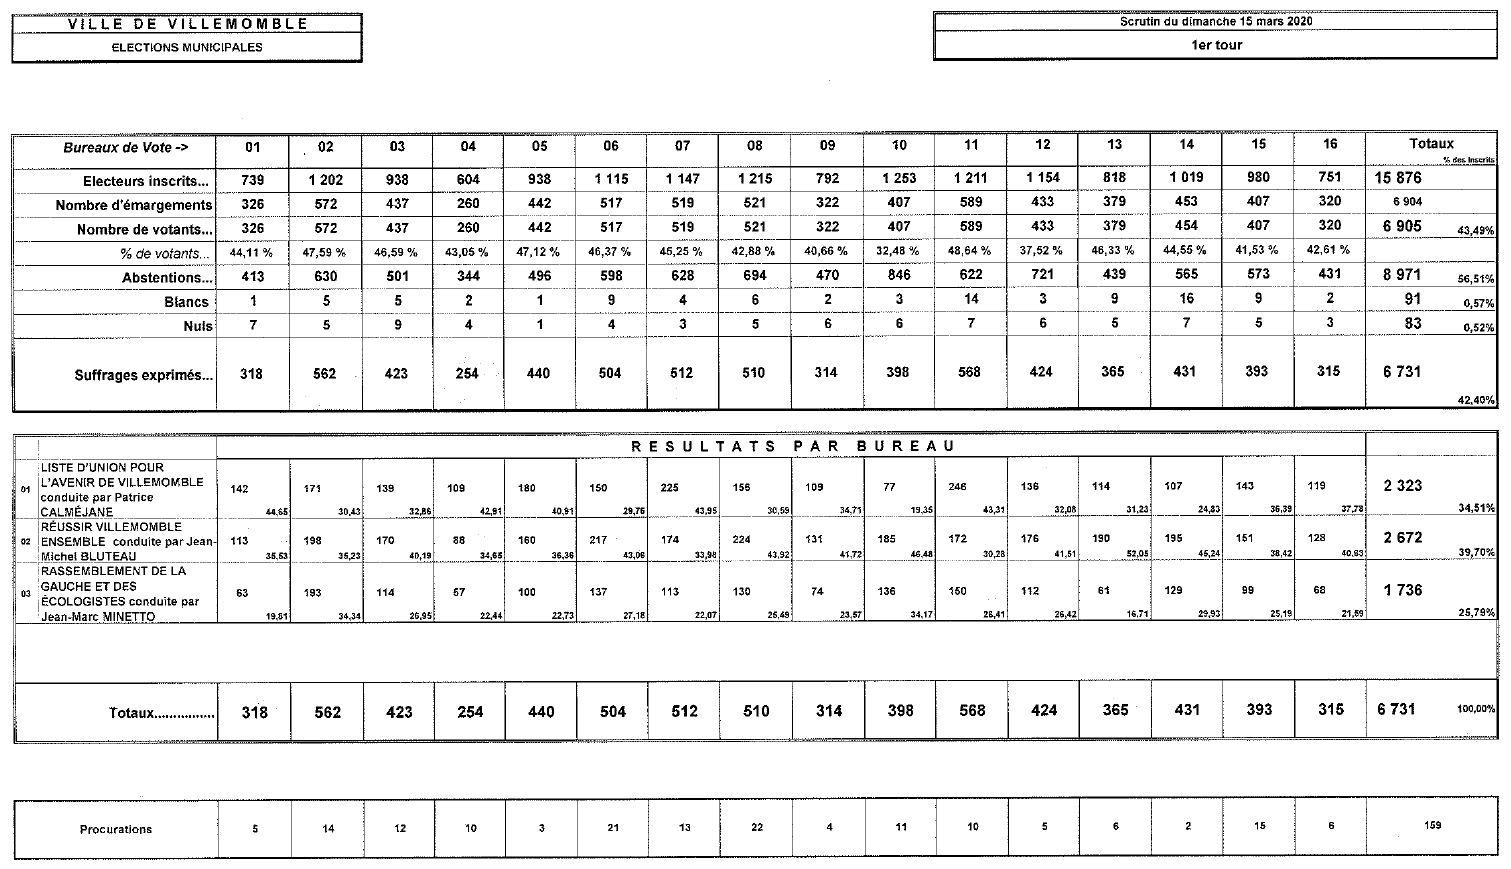 resultats 1er tour 15 03 2020